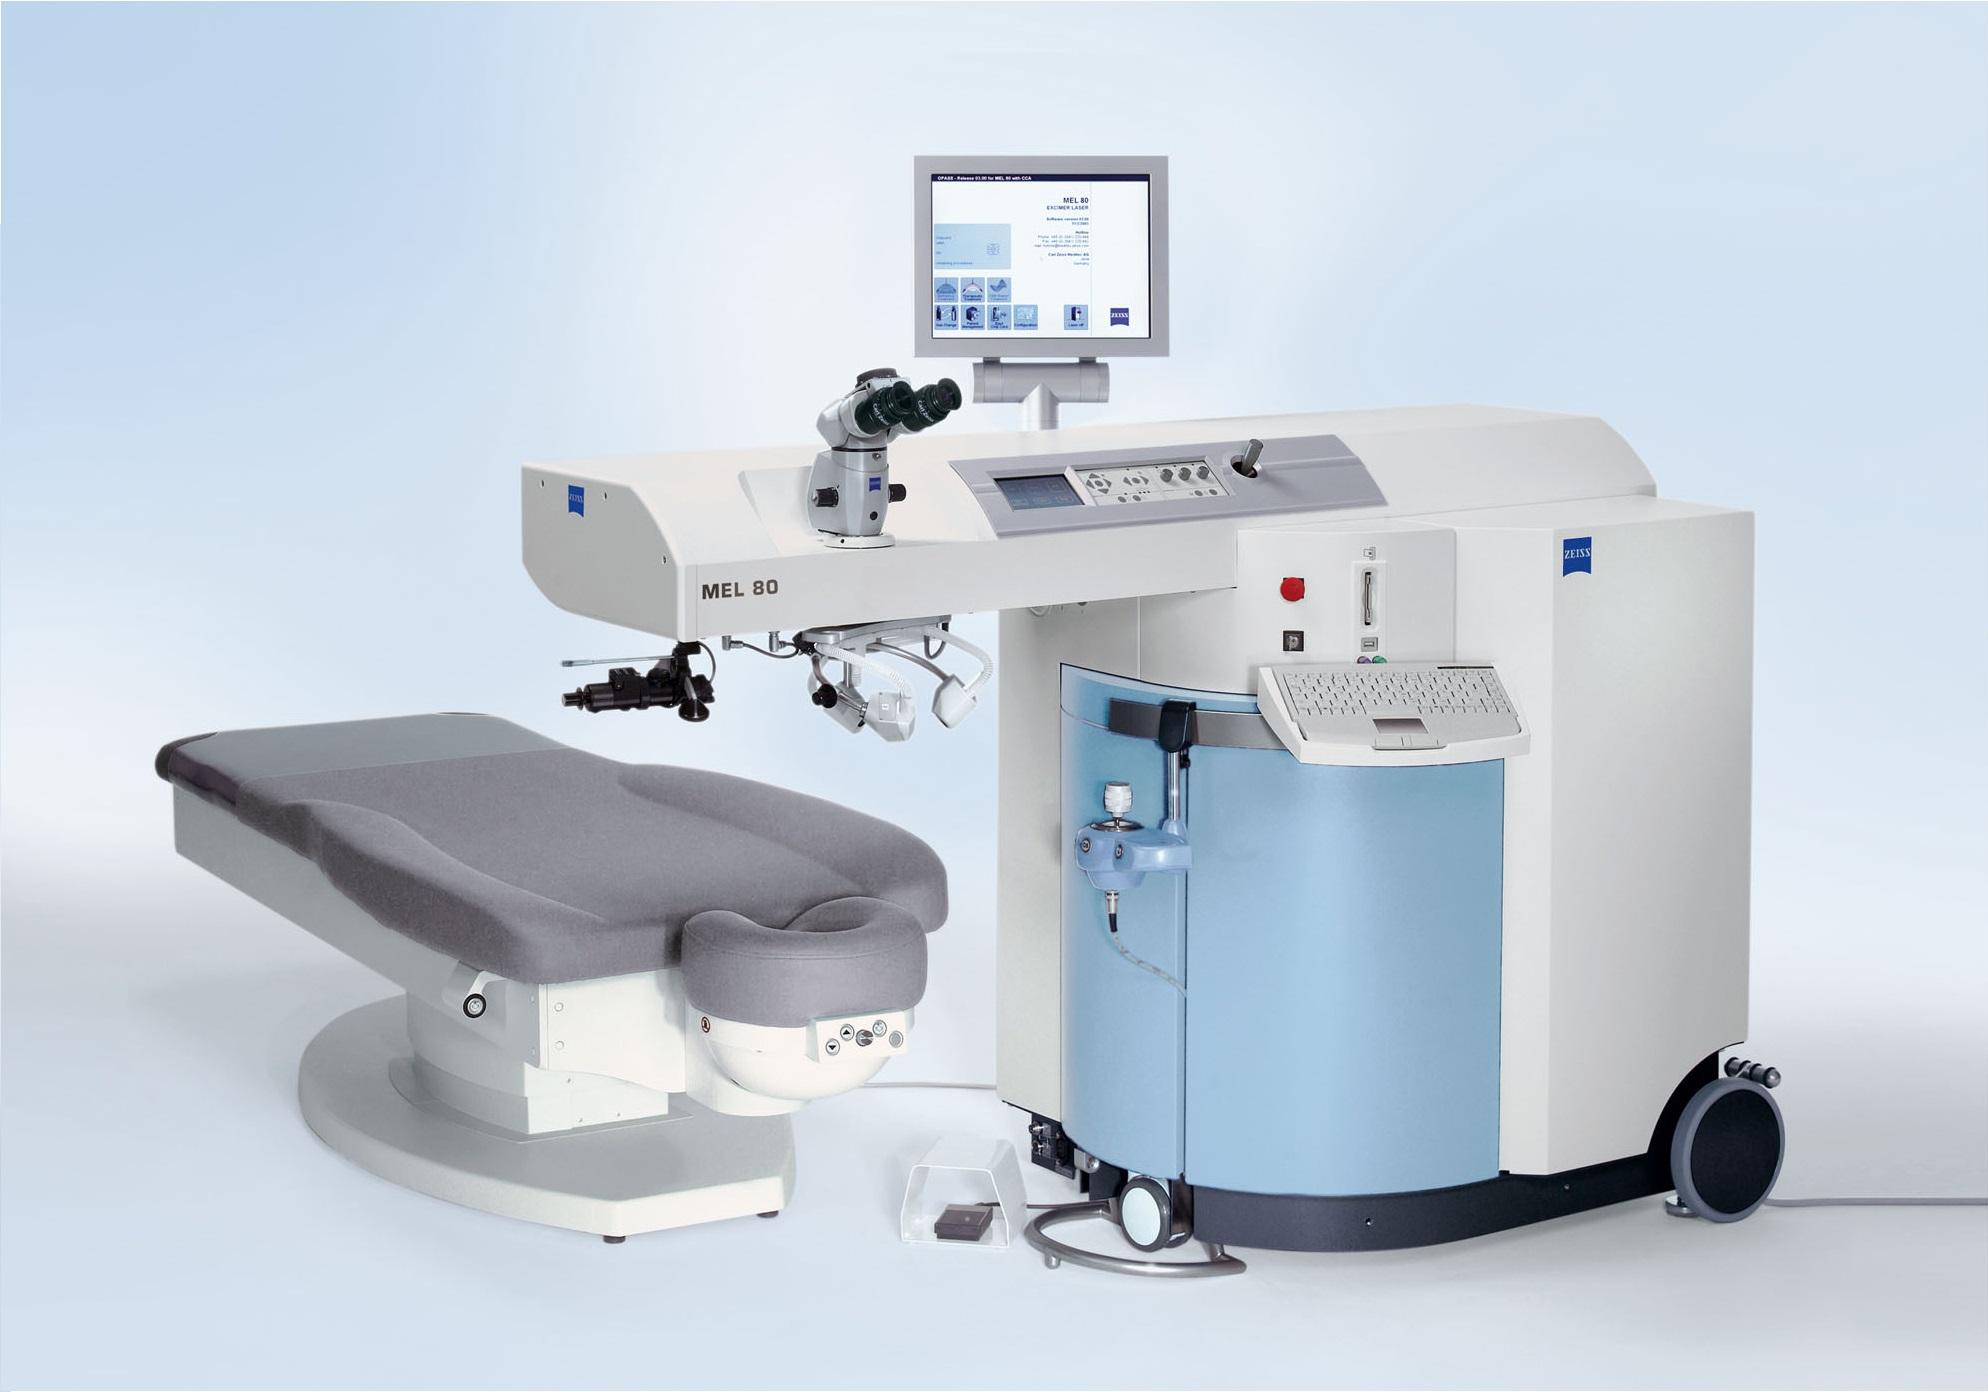 opération laser Excimer MEL 80